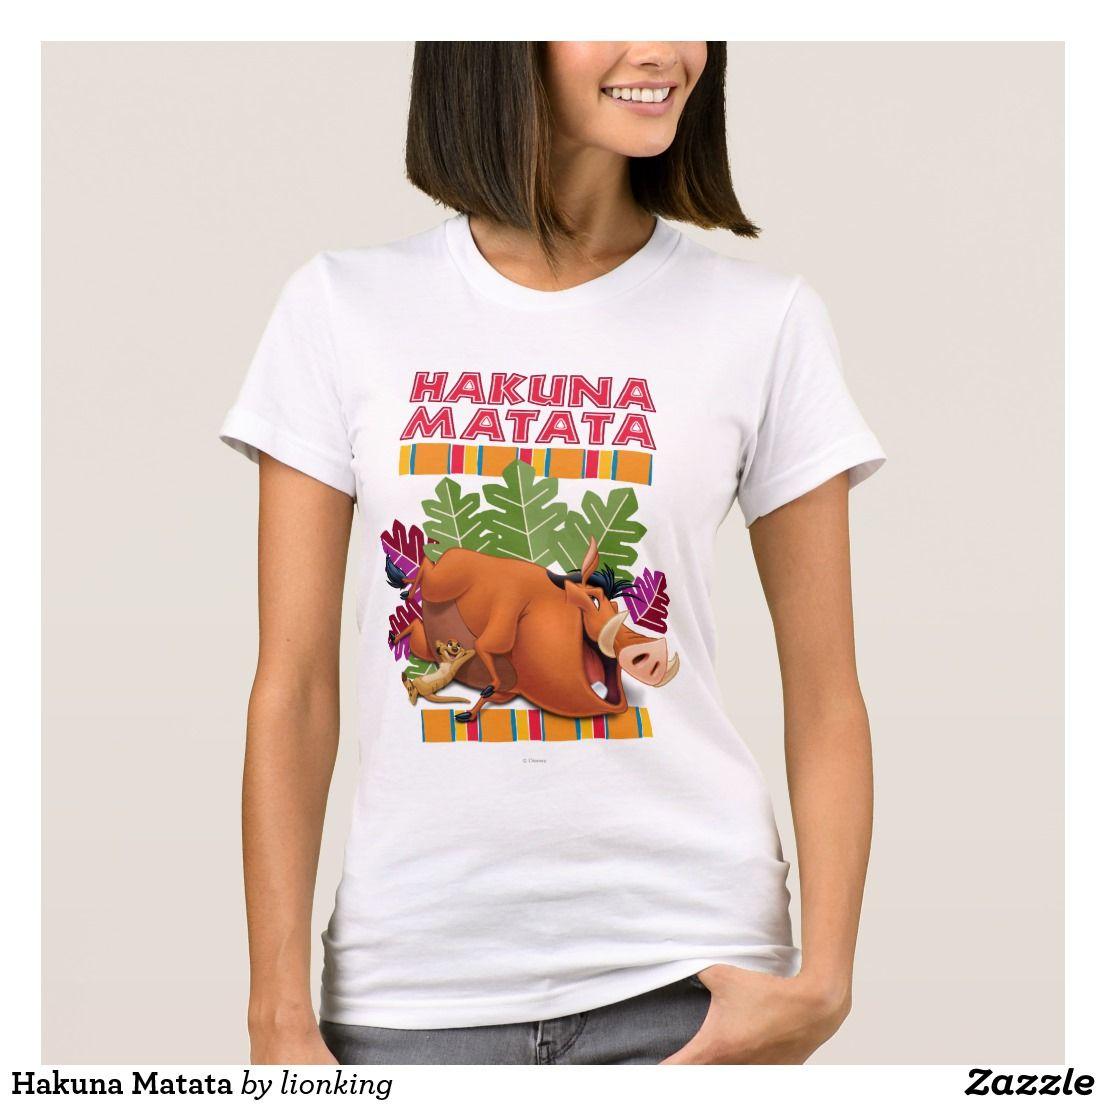 Hakuna Matata Shirts